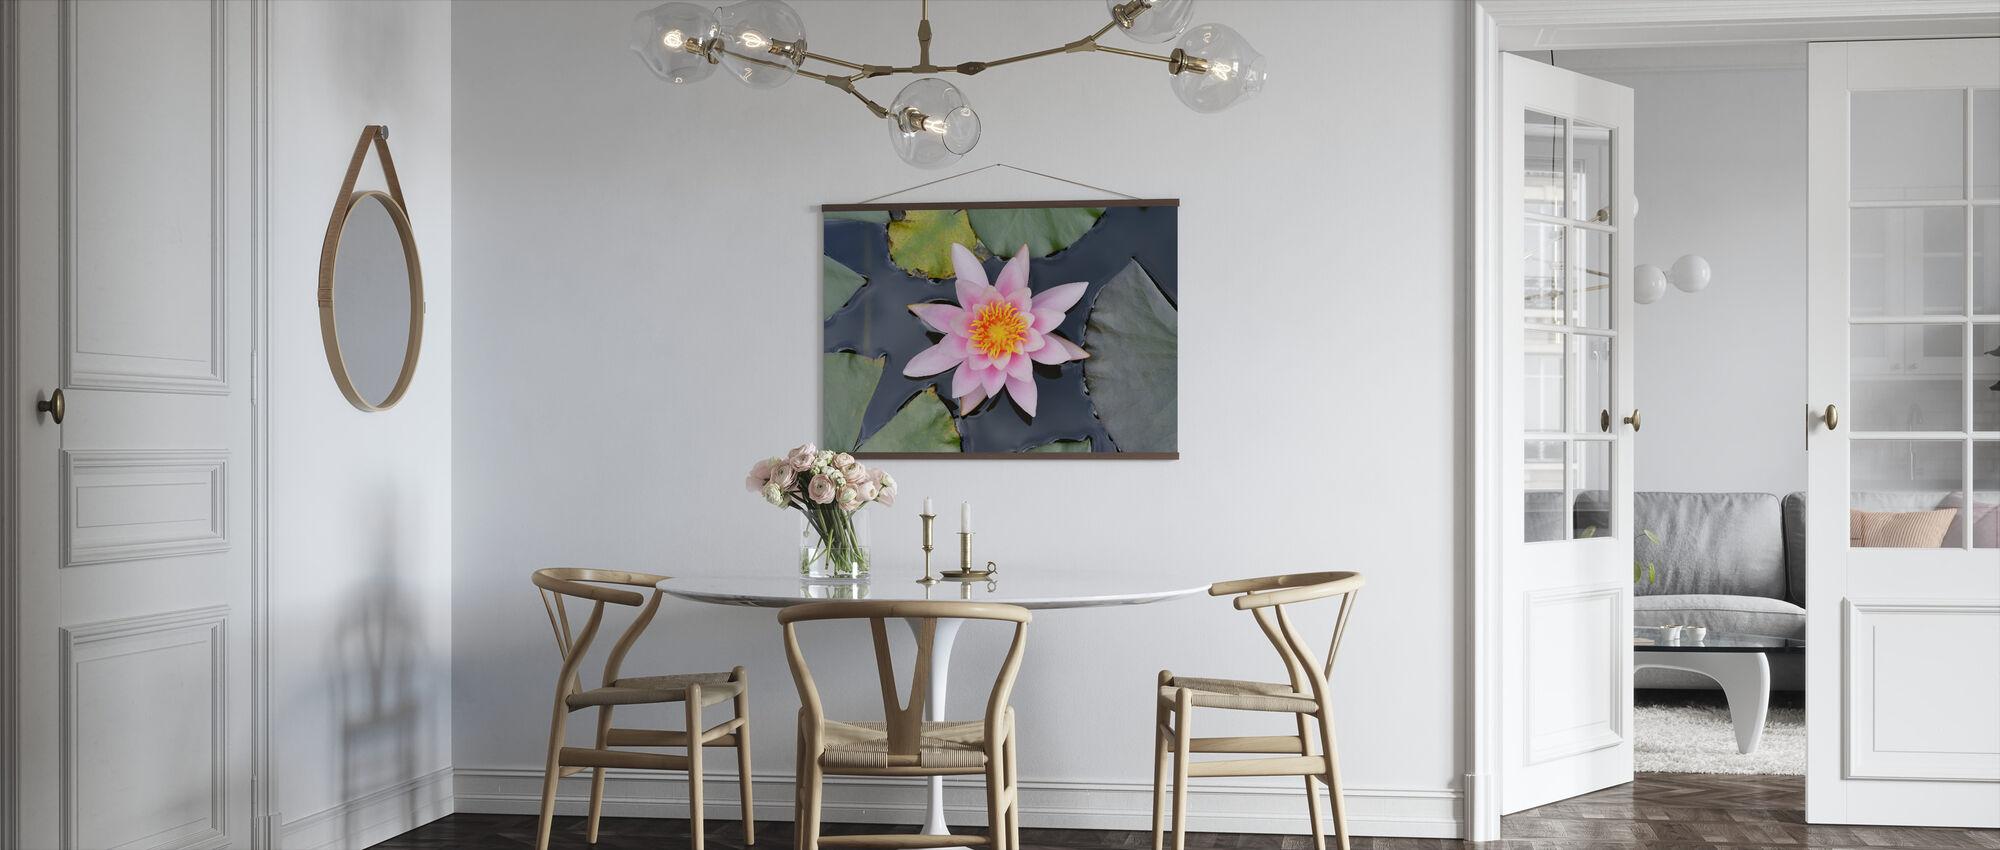 Rosa vannlilje fra oven - Plakat - Kjøkken